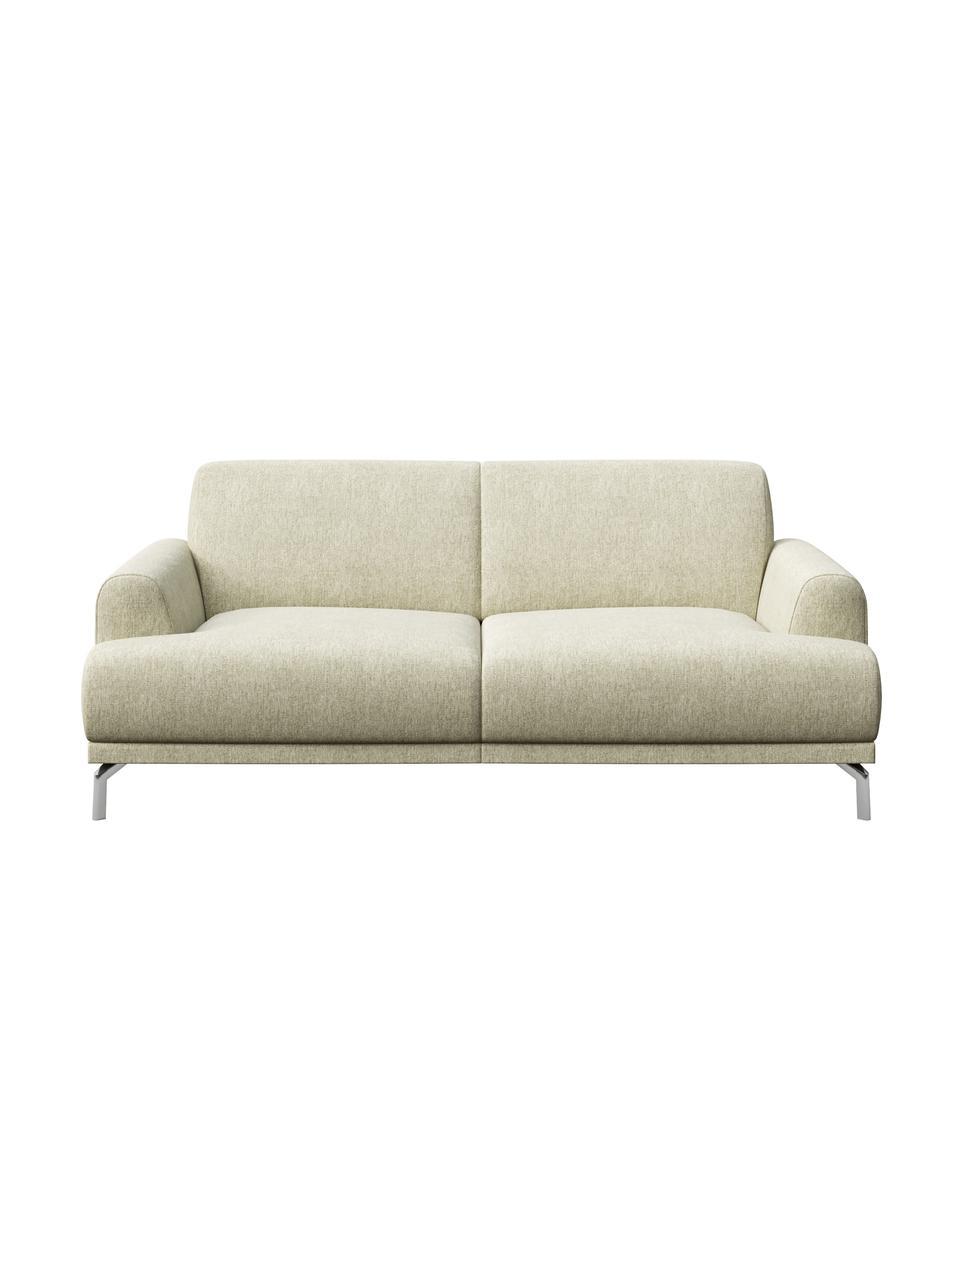 Sofa Puzo (2-osobowa), Tapicerka: 100% poliester, Nogi: metal lakierowany, Jasny beżowy, S 170 x G 84 cm